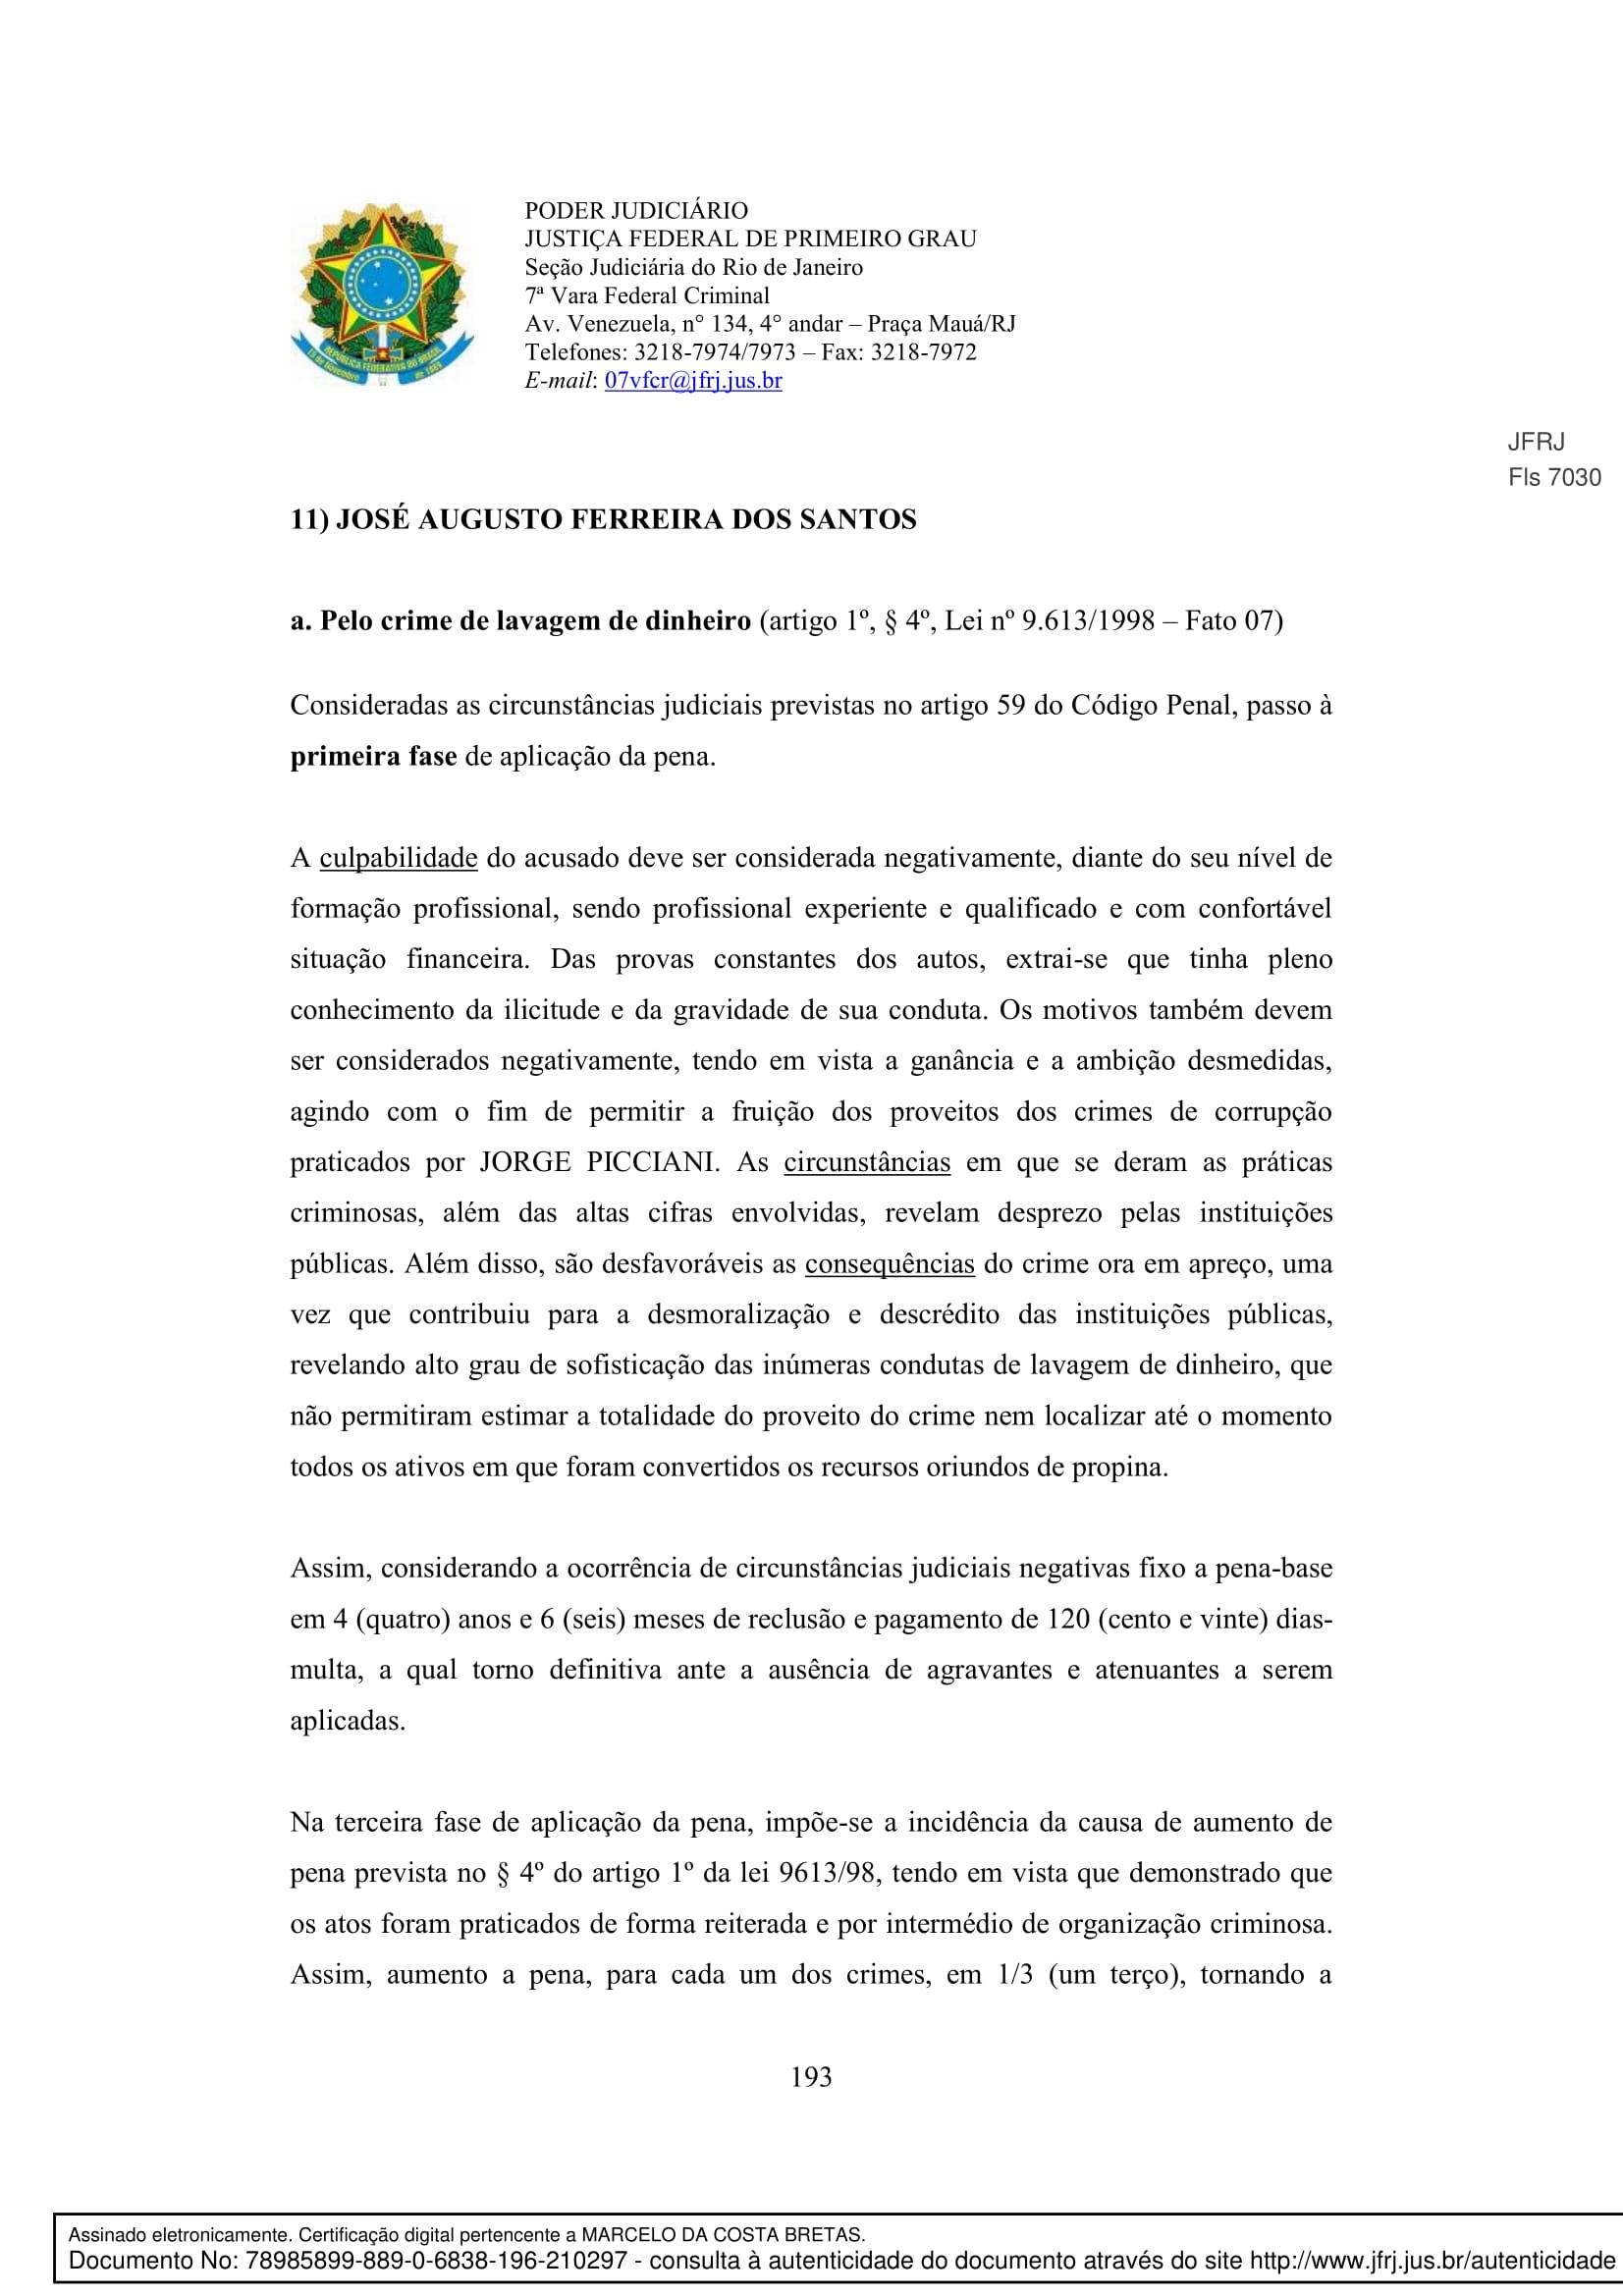 Sentenca-Cadeia-Velha-7VFC-193